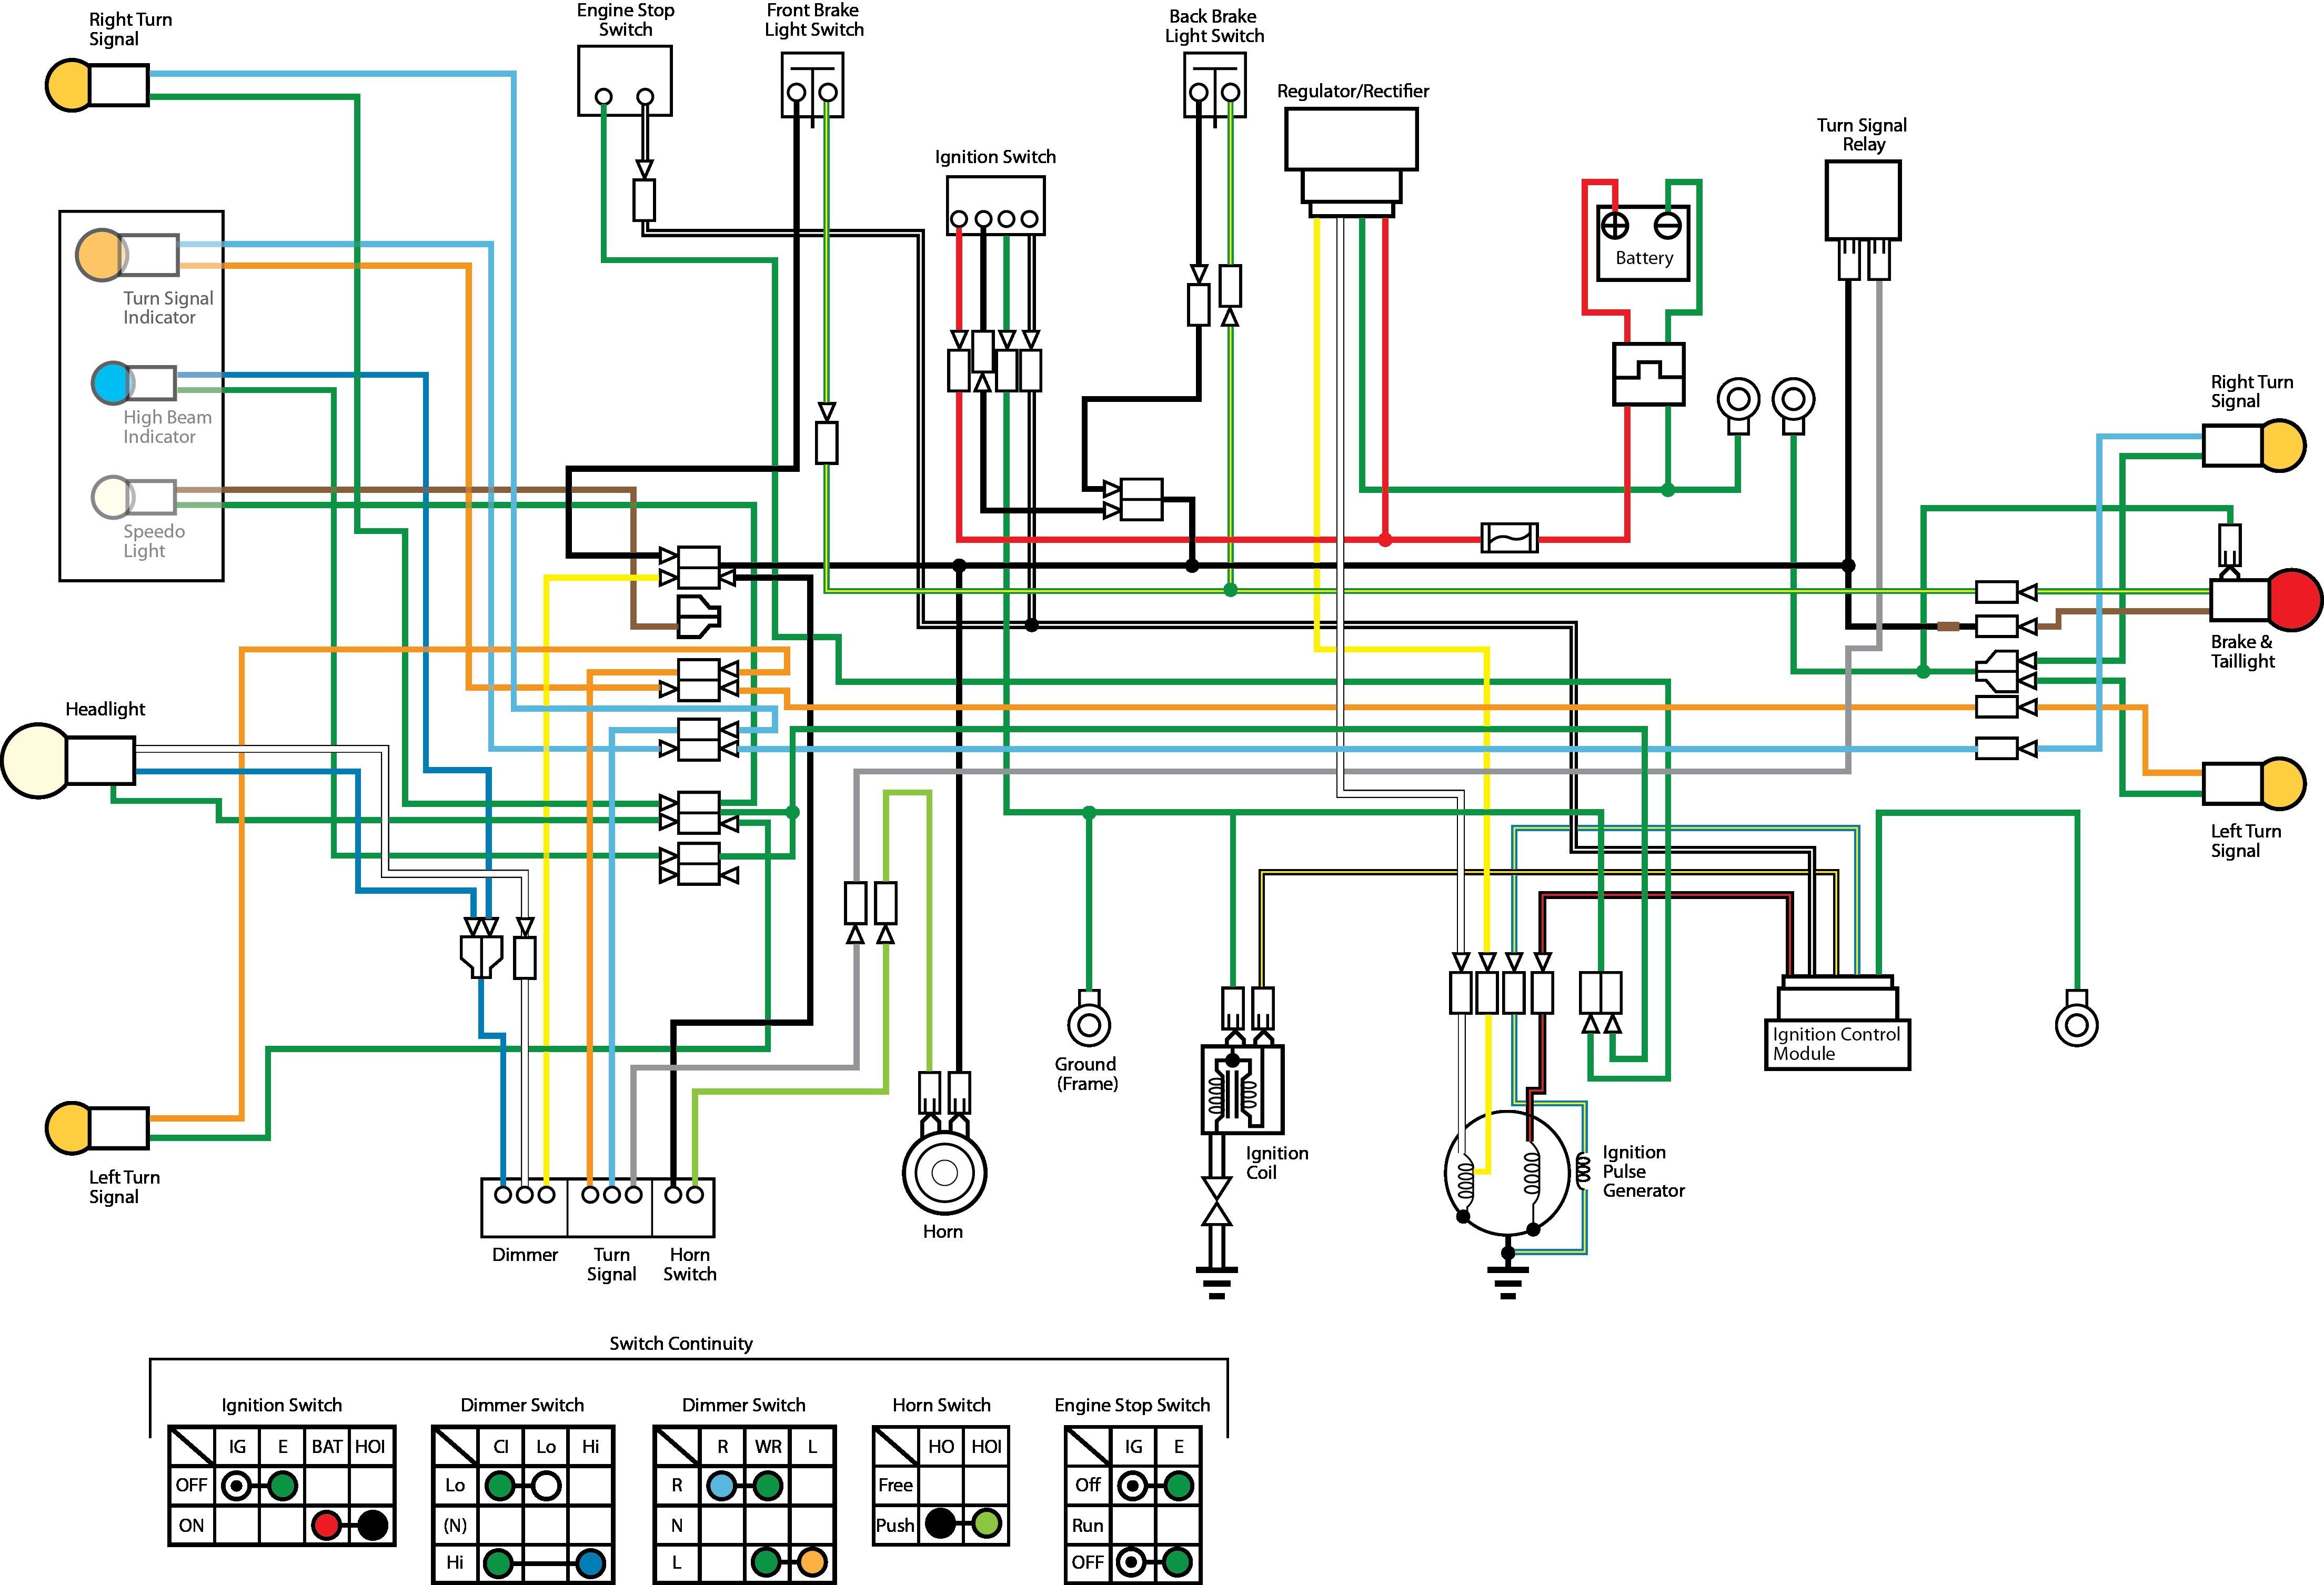 Basic Motorcycle Wiring Diagram Inspirational Electrical Wiring Diagram Diagram Of Basic Motorcycle Wiring Diagram